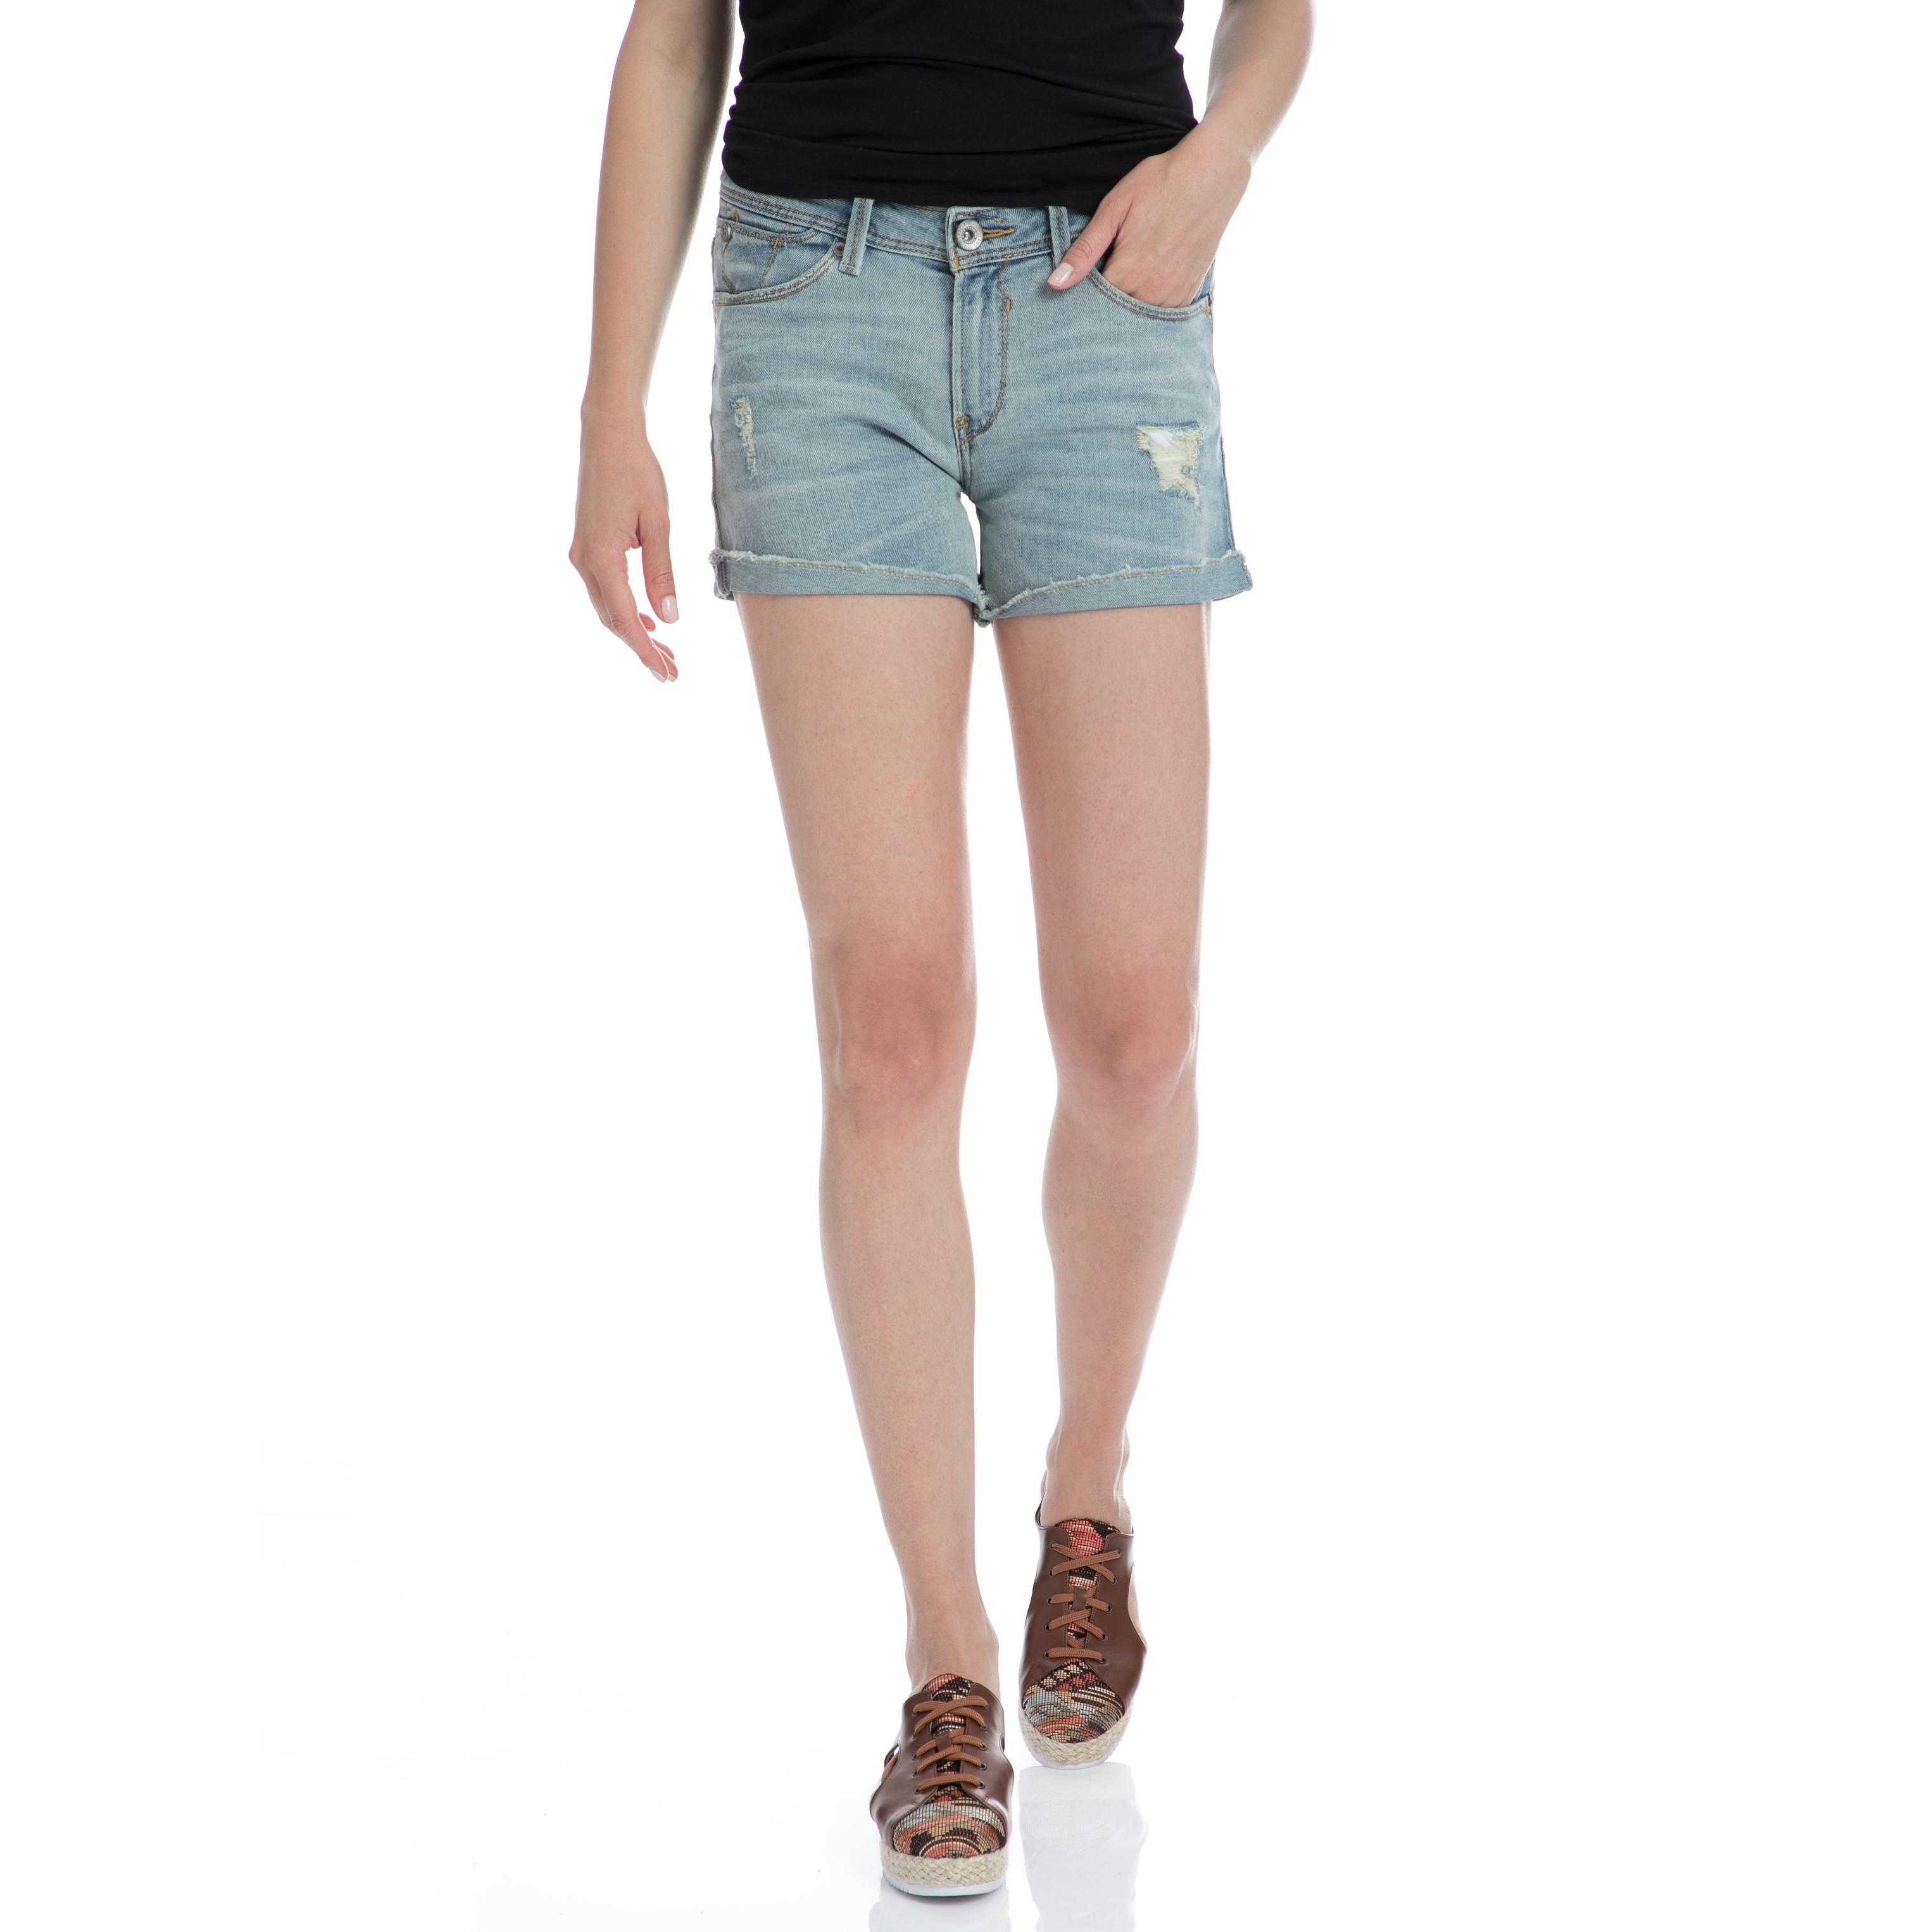 GARCIA JEANS - Γυναικείο τζιν σορτς Garcia Jeans μπλε γυναικεία ρούχα σορτς βερμούδες casual jean